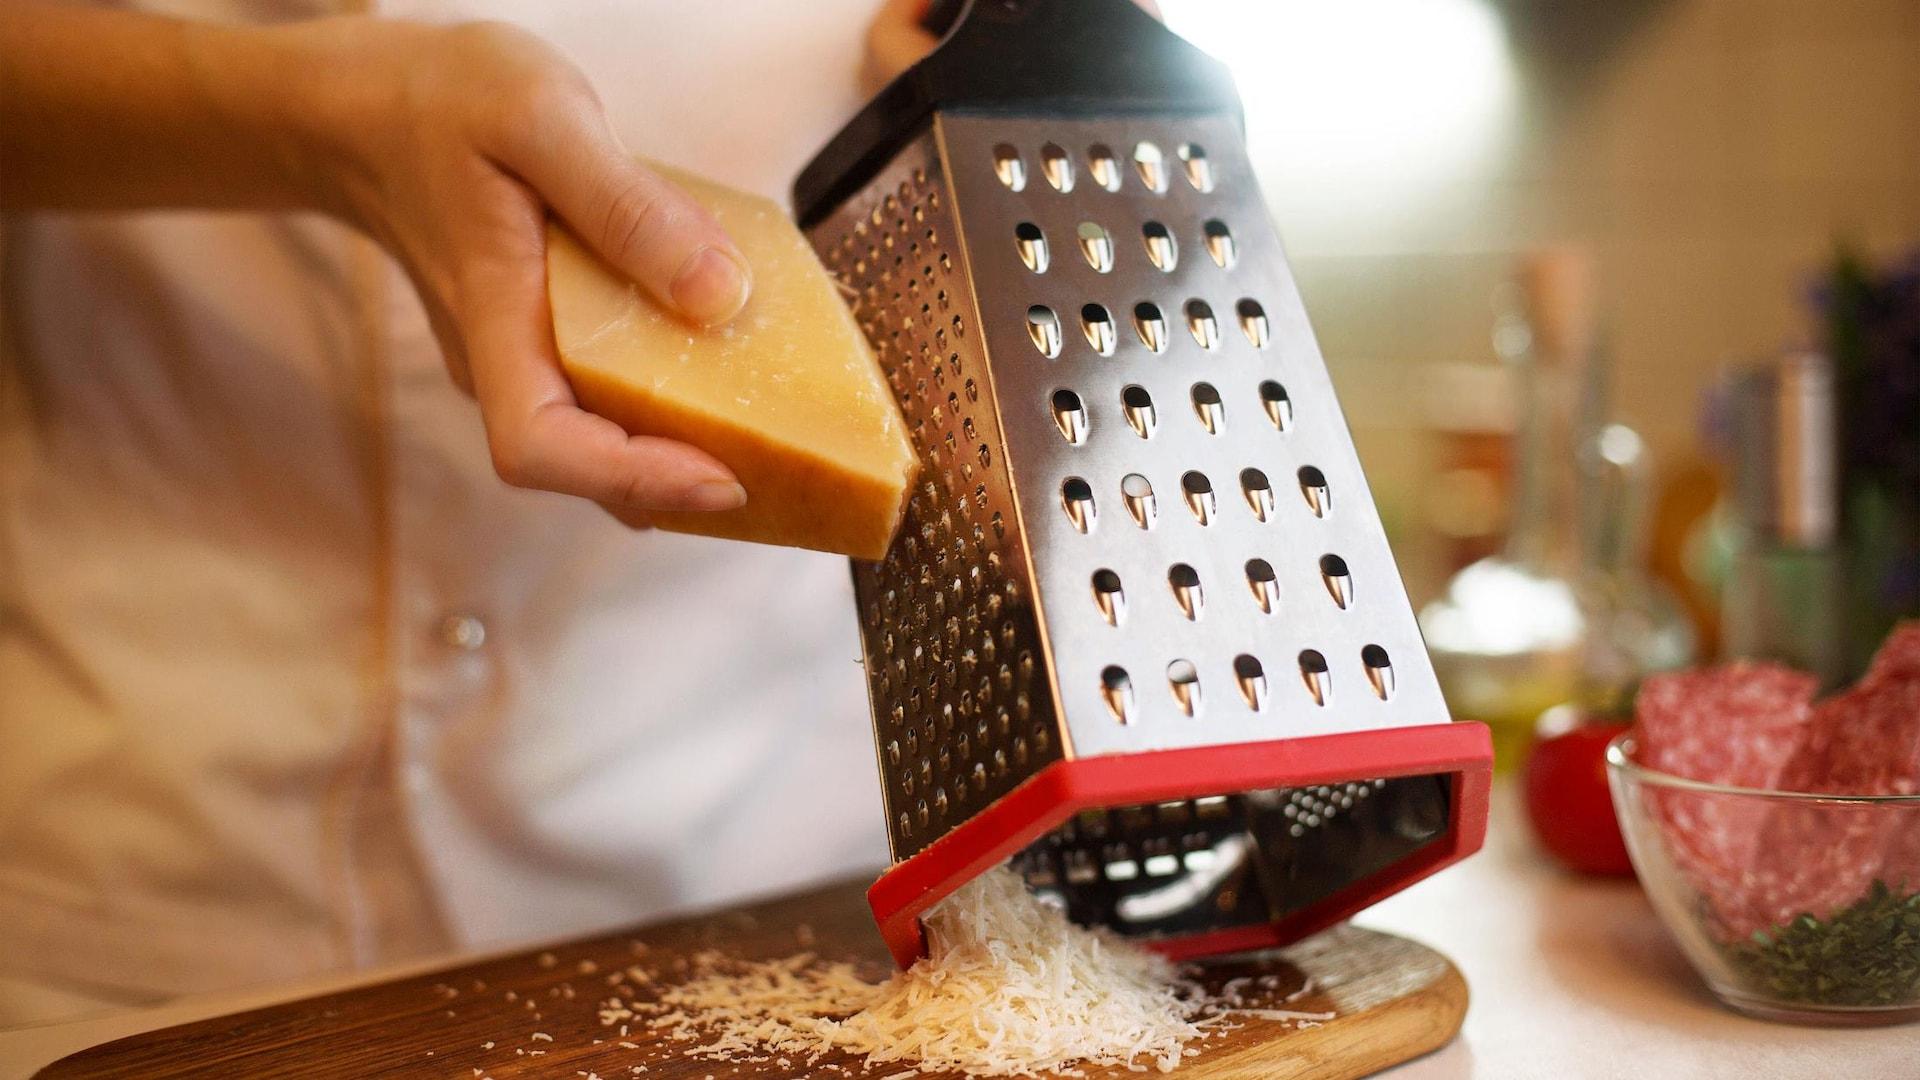 Un chef râpe un morceau de fromage.